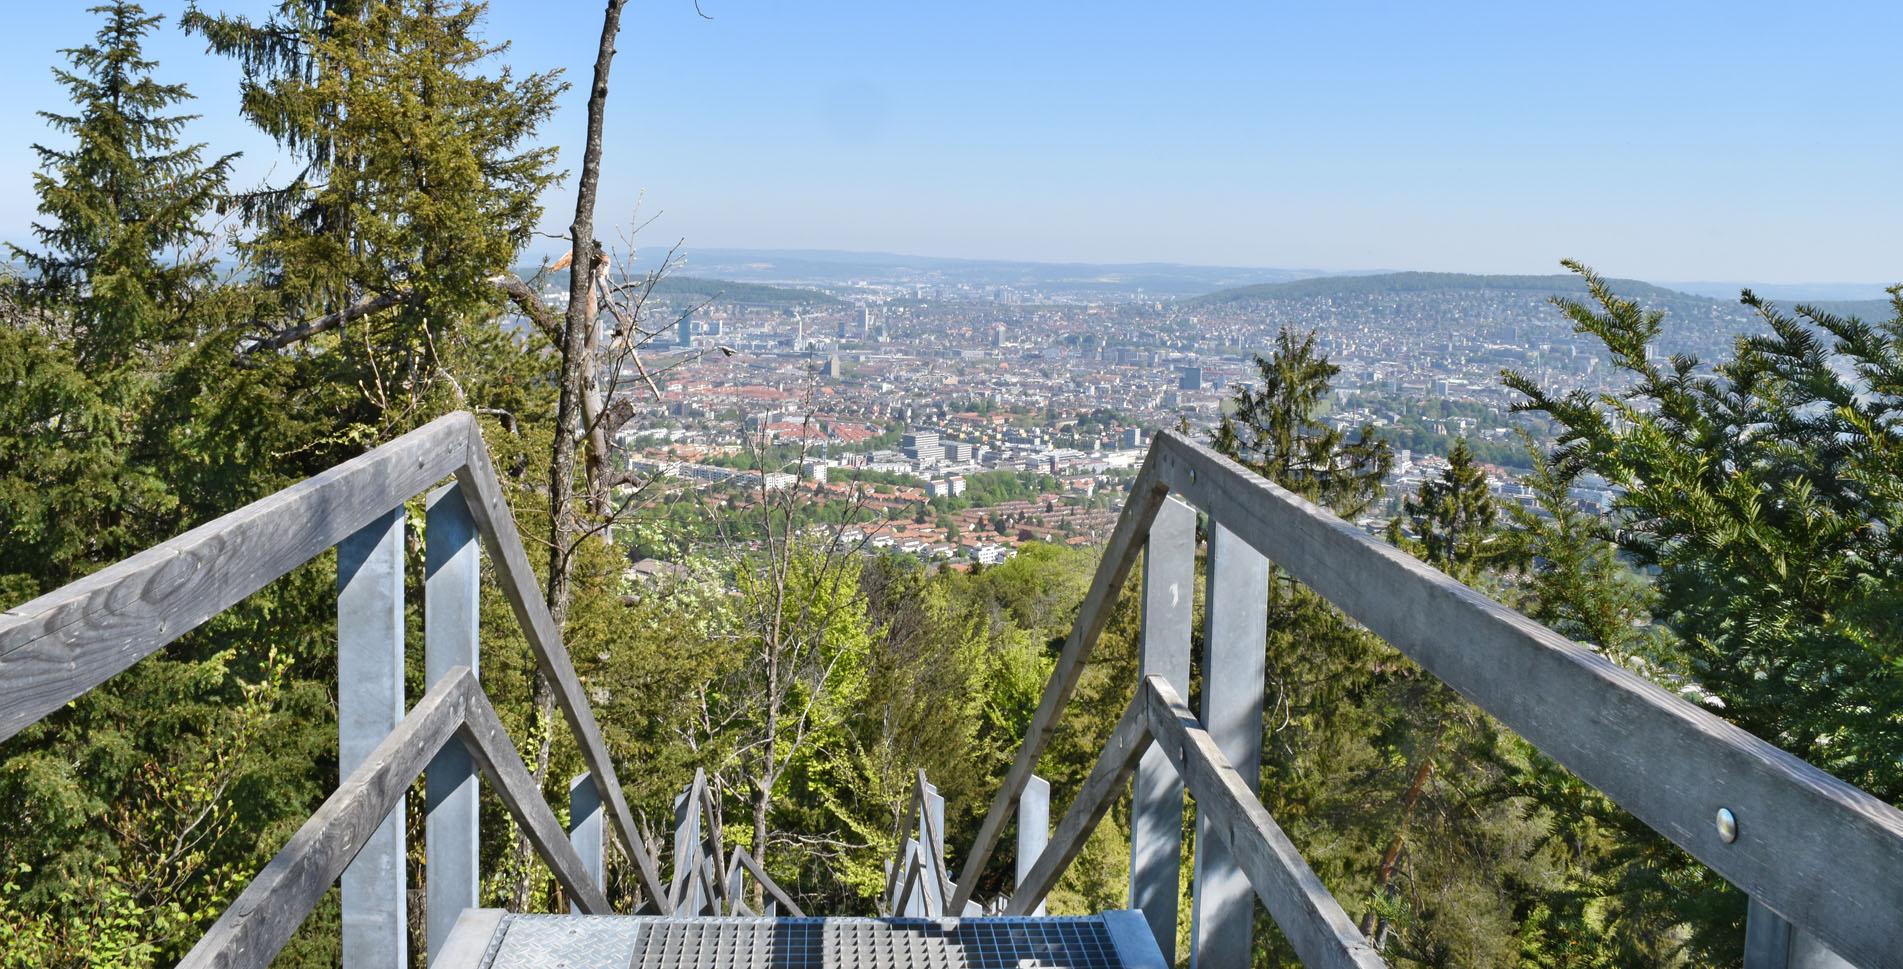 Wanderung von Zürich Albisgüetli auf den Uetliberg zur Annaburg und weiter via Fallätschen, Mädikon, Balderen, Leimbach nach Zürich Wollishofen.